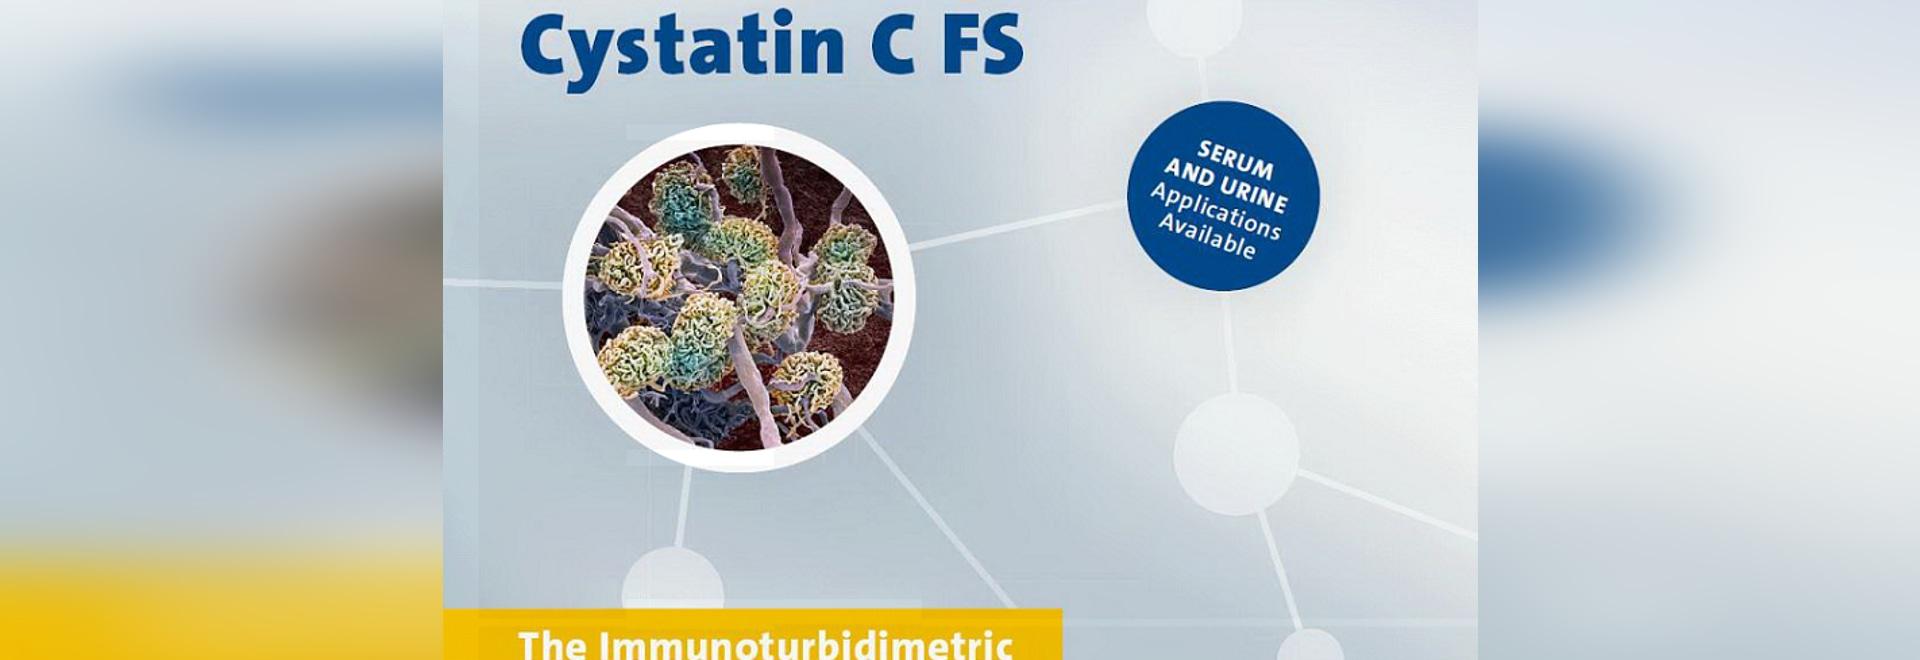 Cystatin C FS